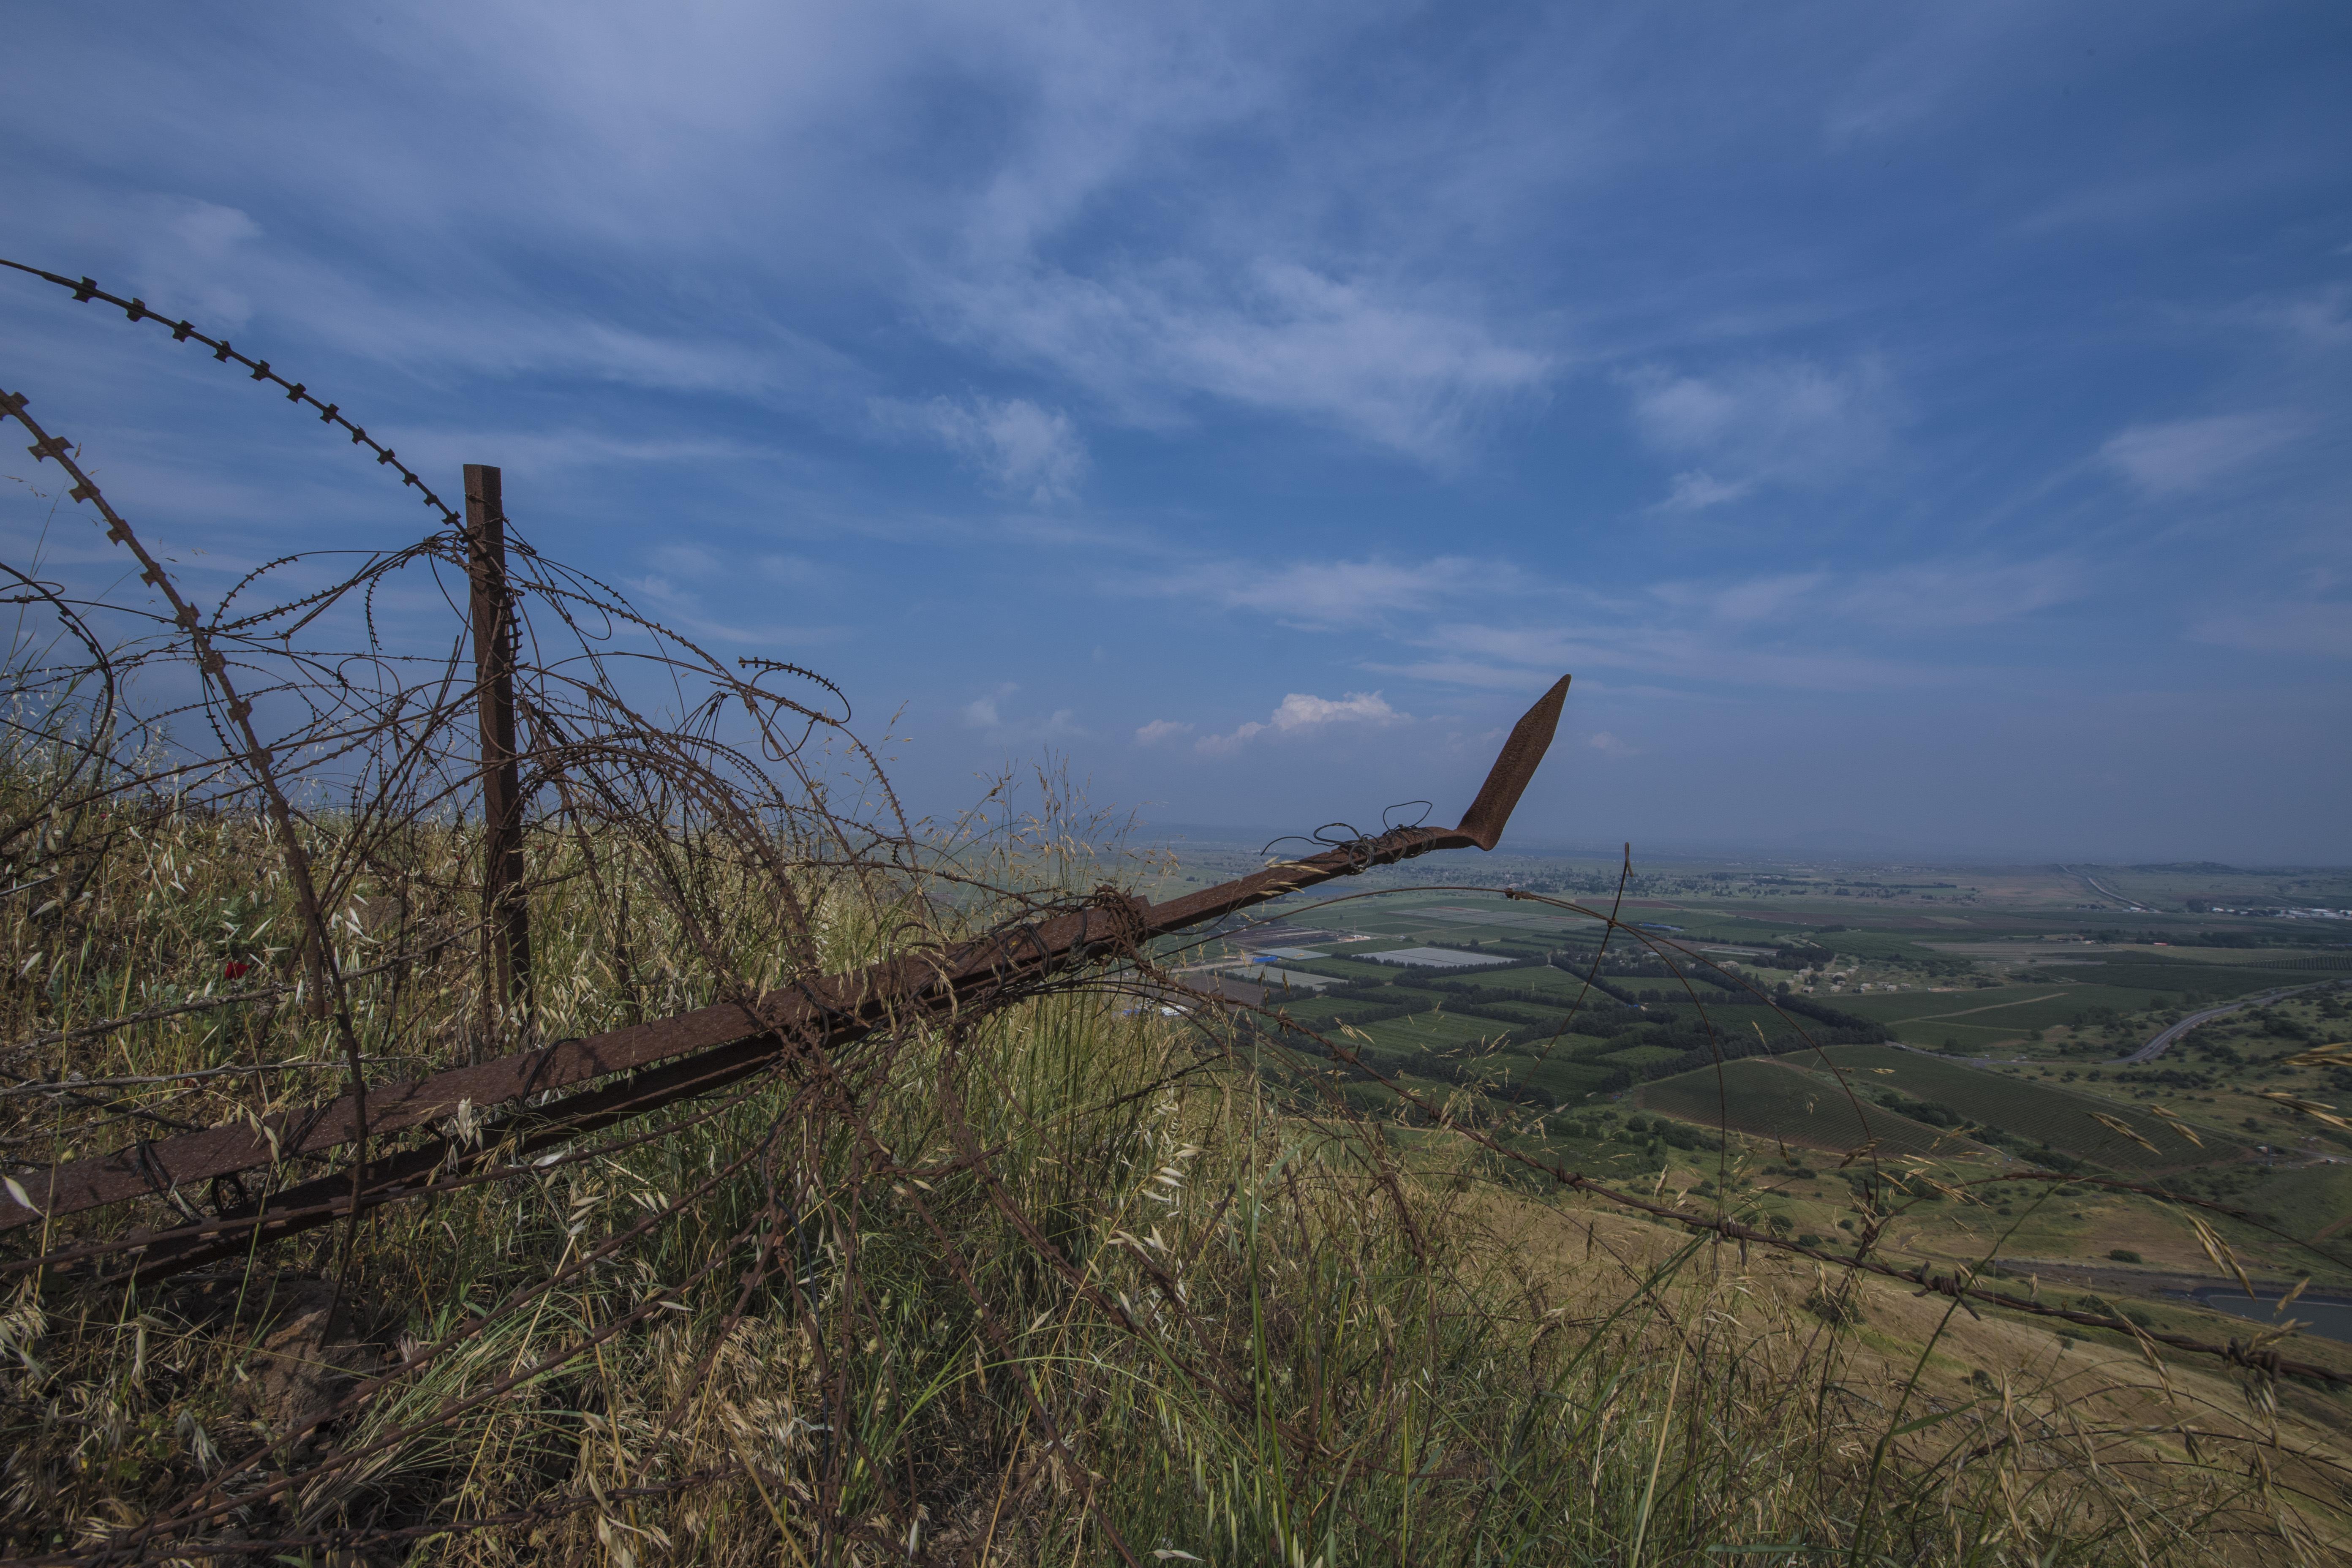 世界的火药桶也是最危险的地方,至今还被被重兵把守的戈兰高地